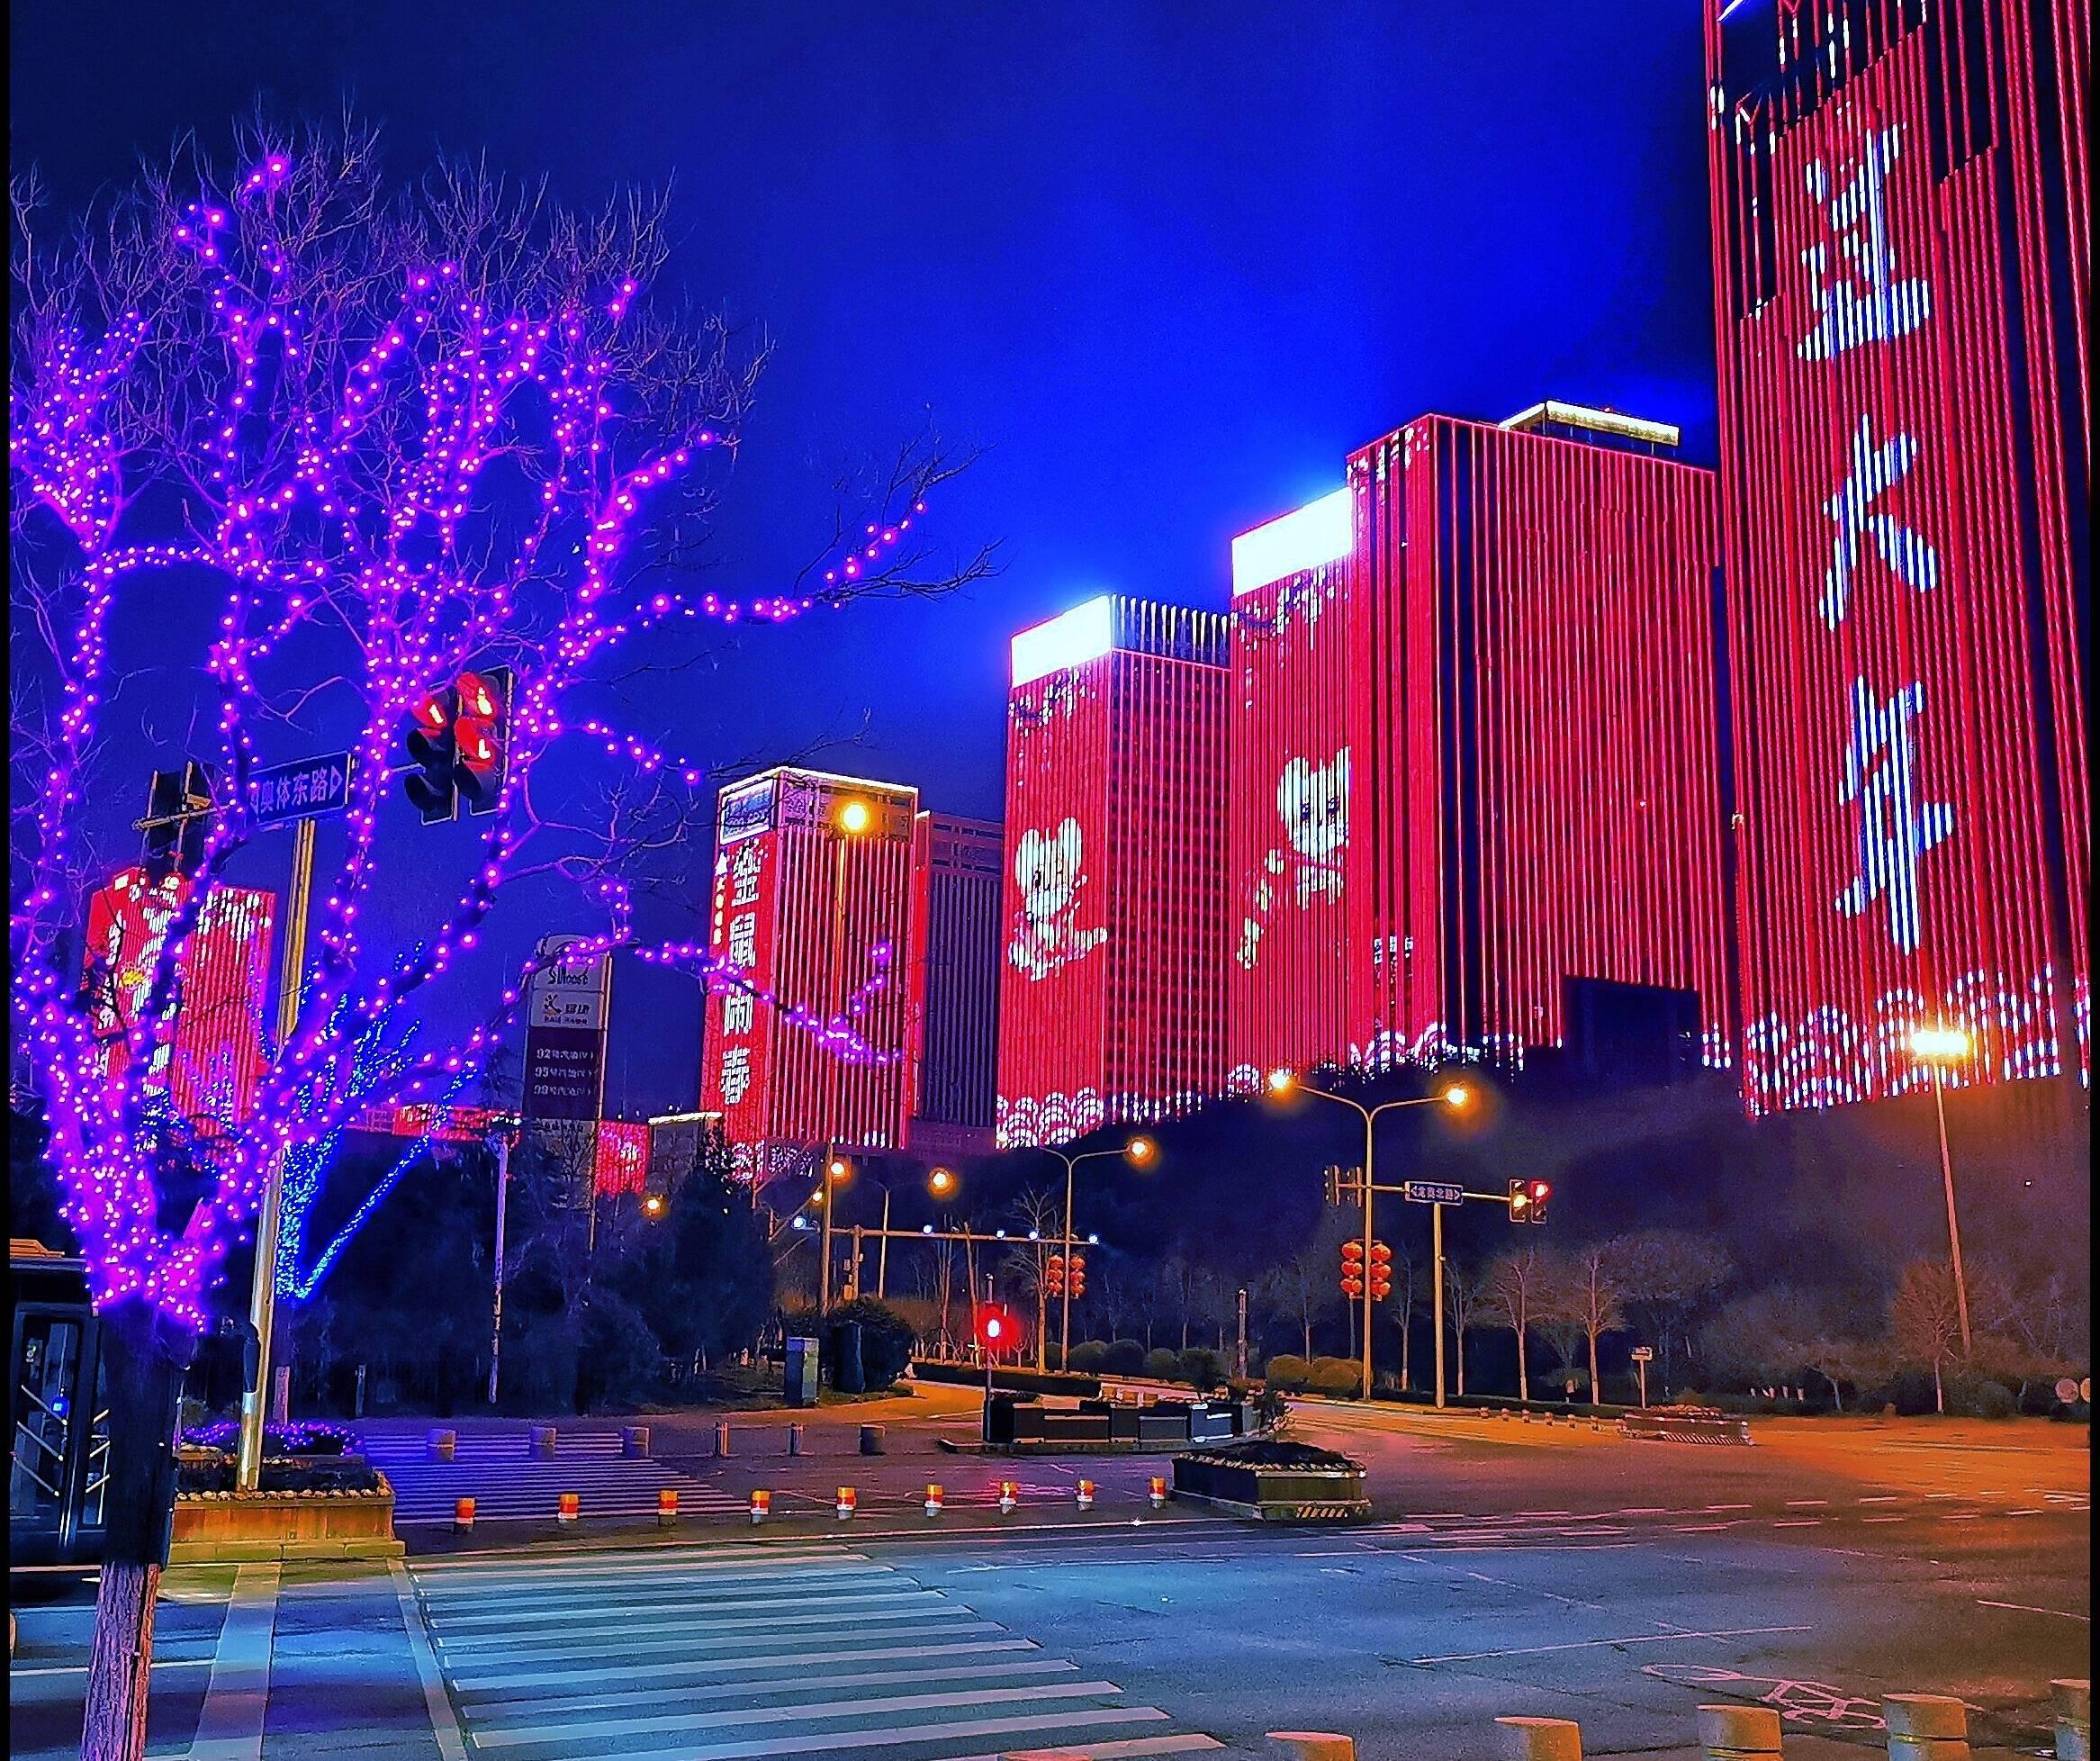 春节假期前三天济南市场商品供应充足 消费券已拉动消费2546.8万元